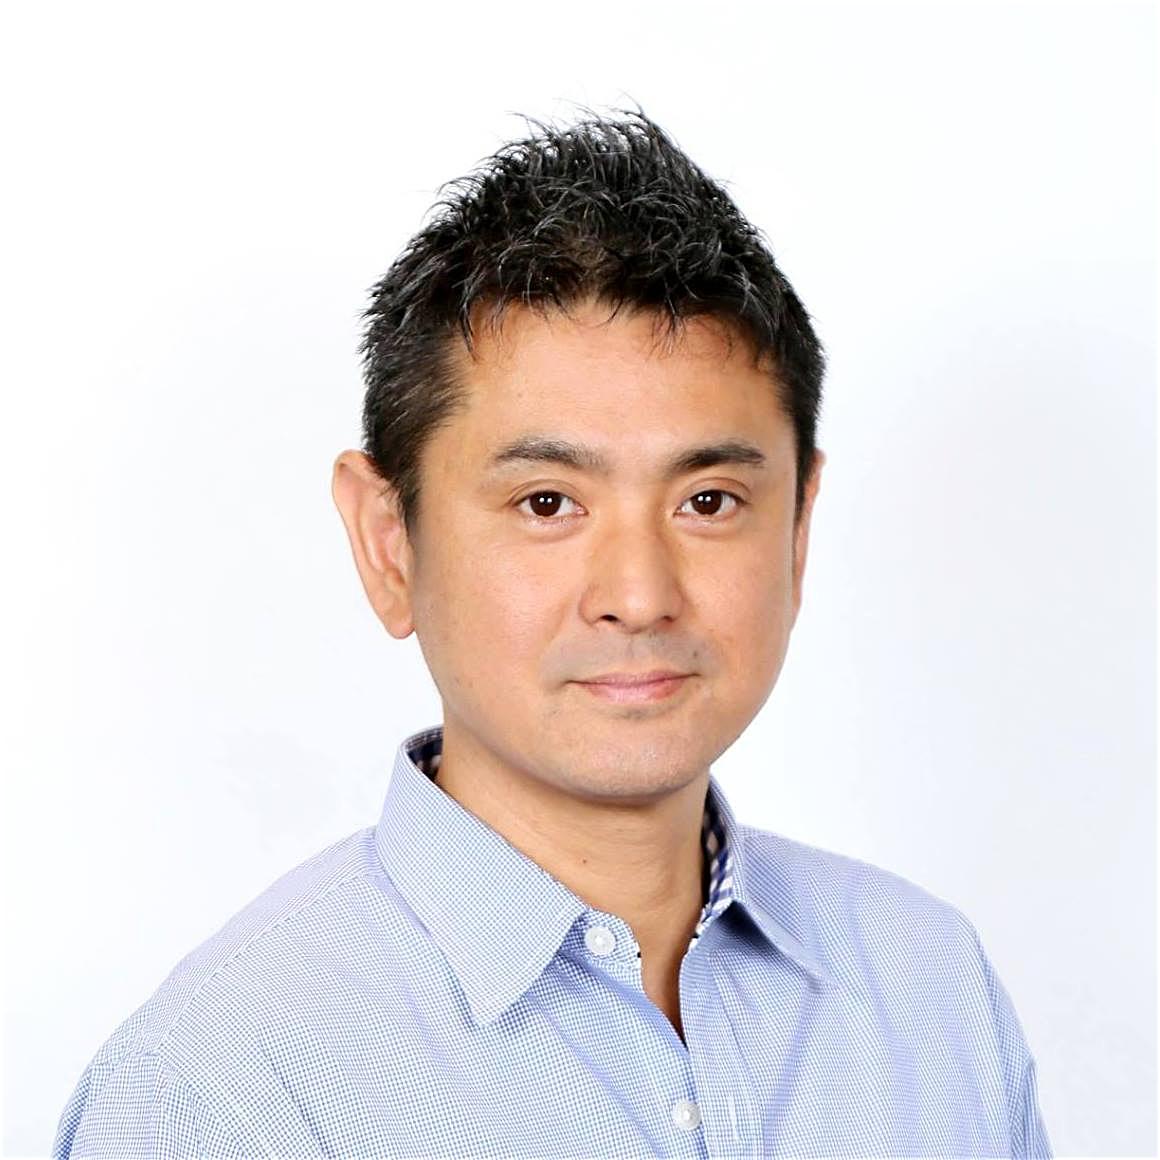 佐藤寛次郎